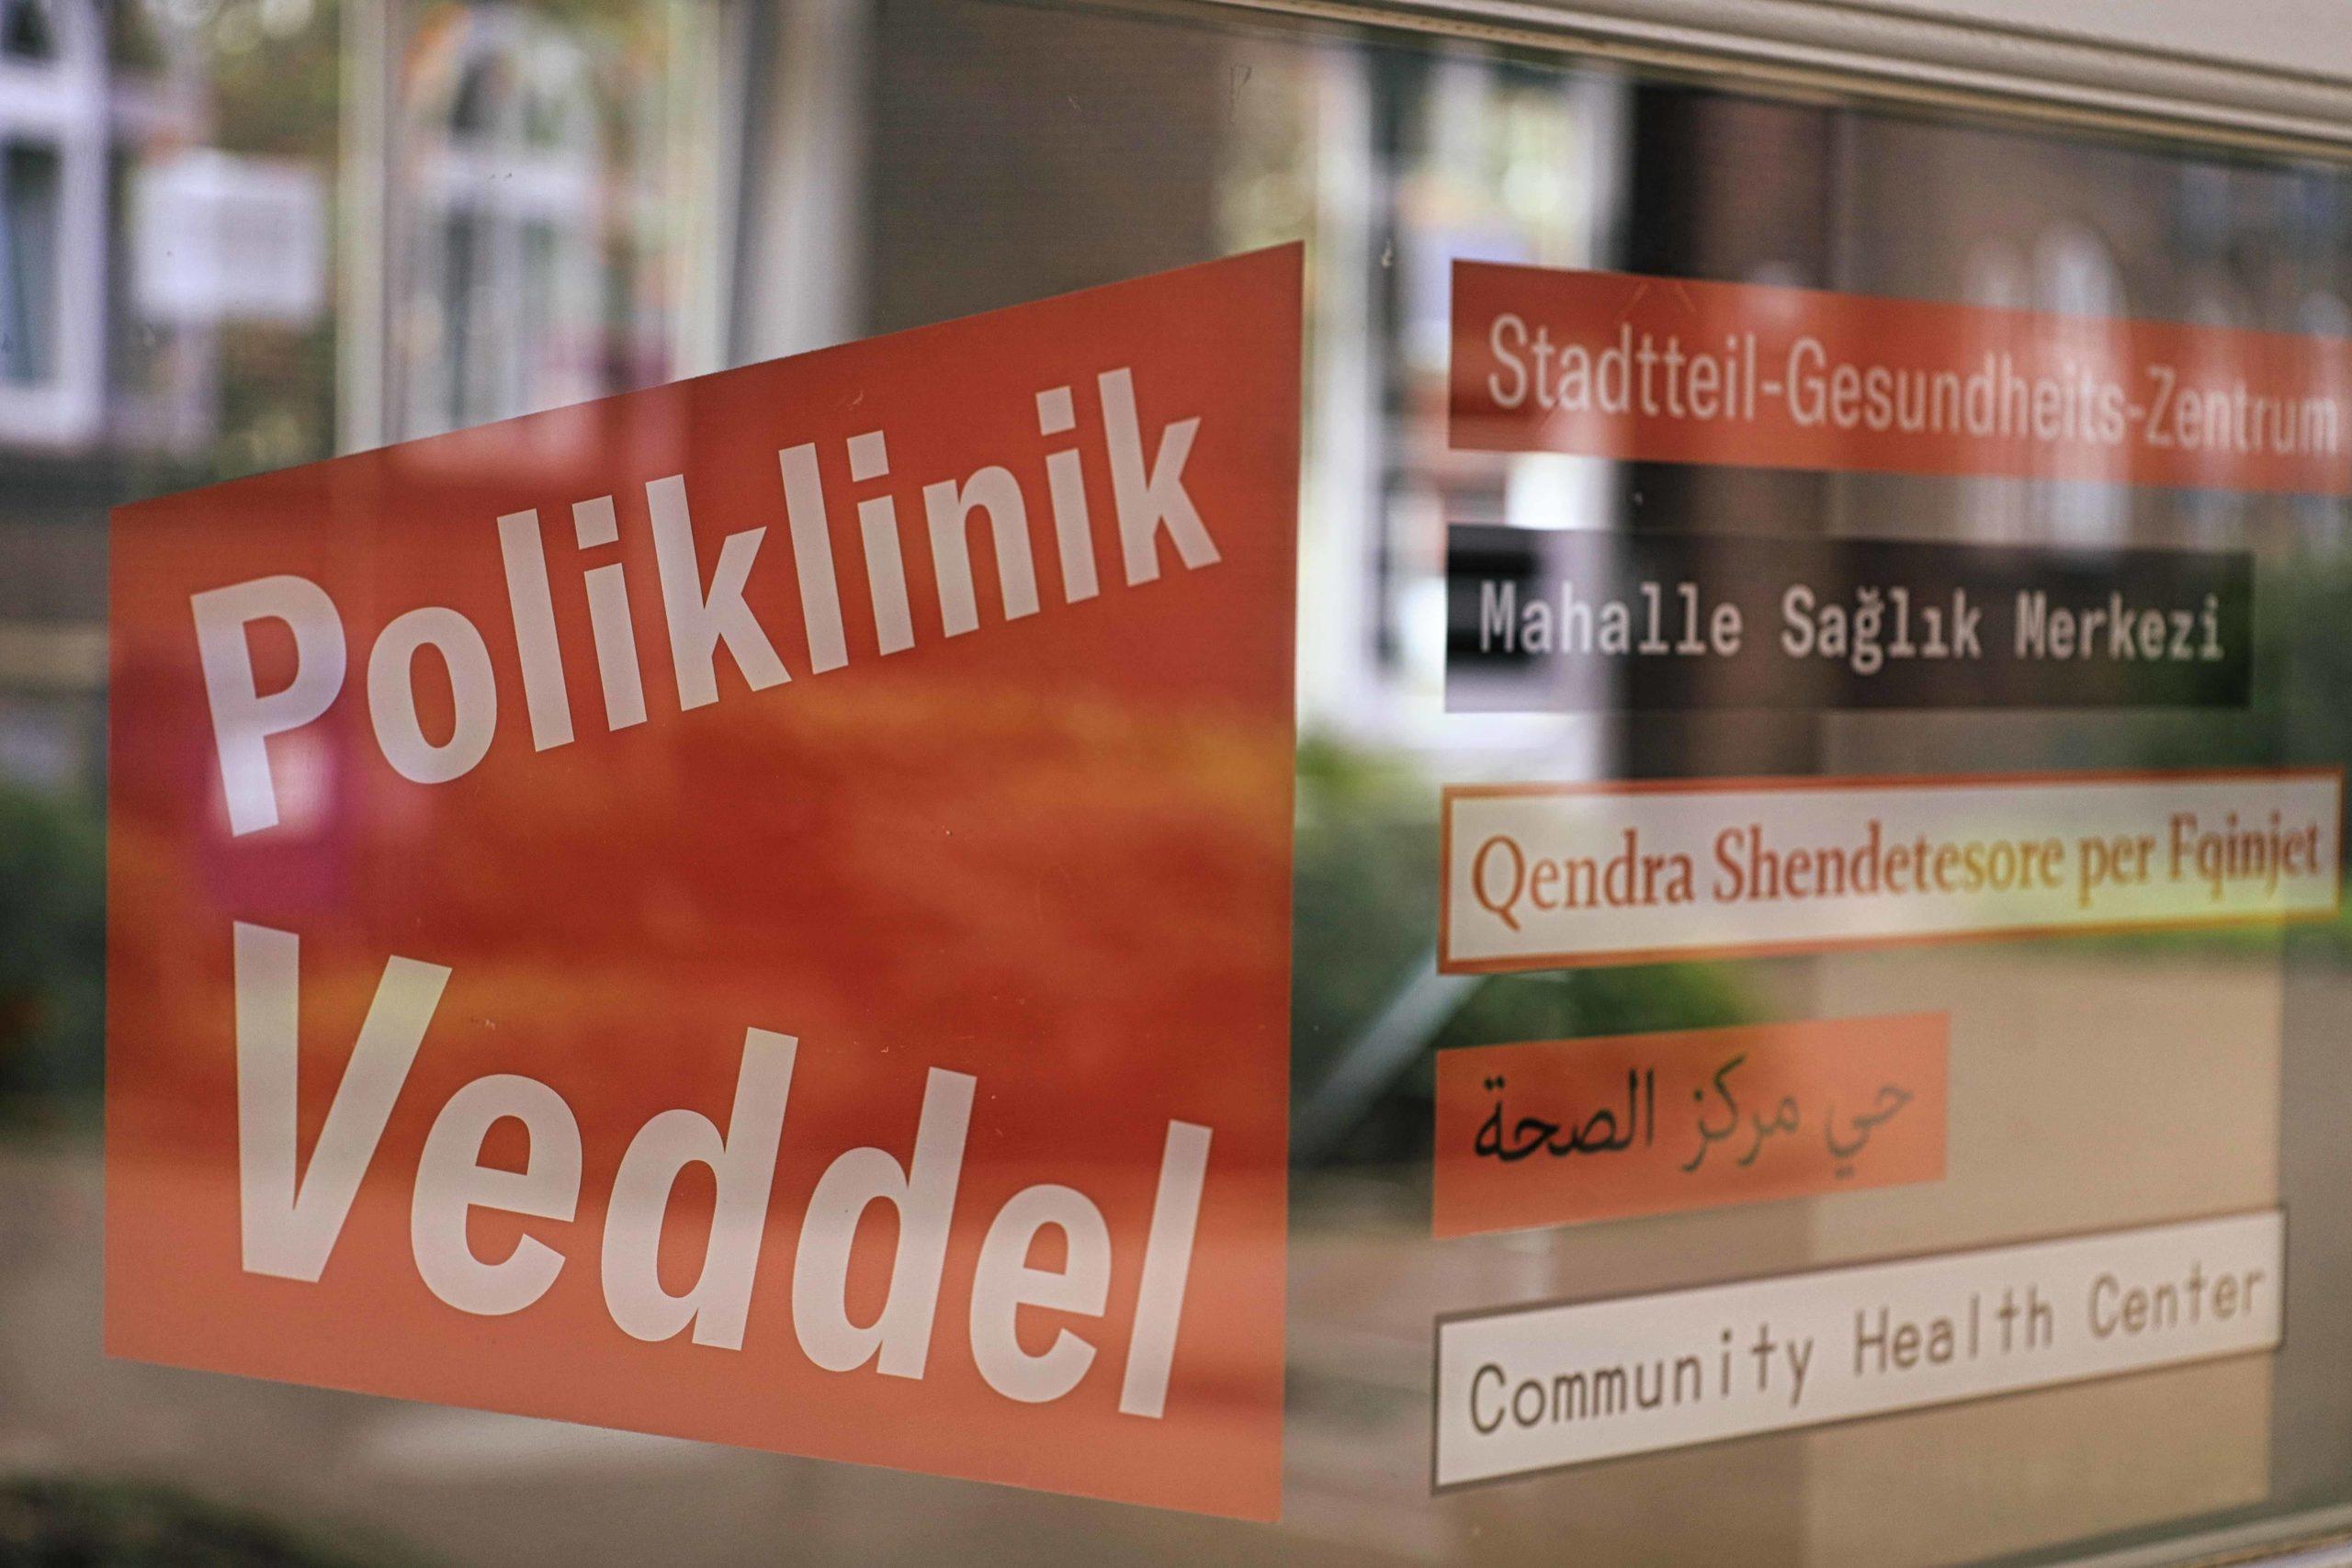 In der Poliklinik sind Menschen aller Sprachen willkommen